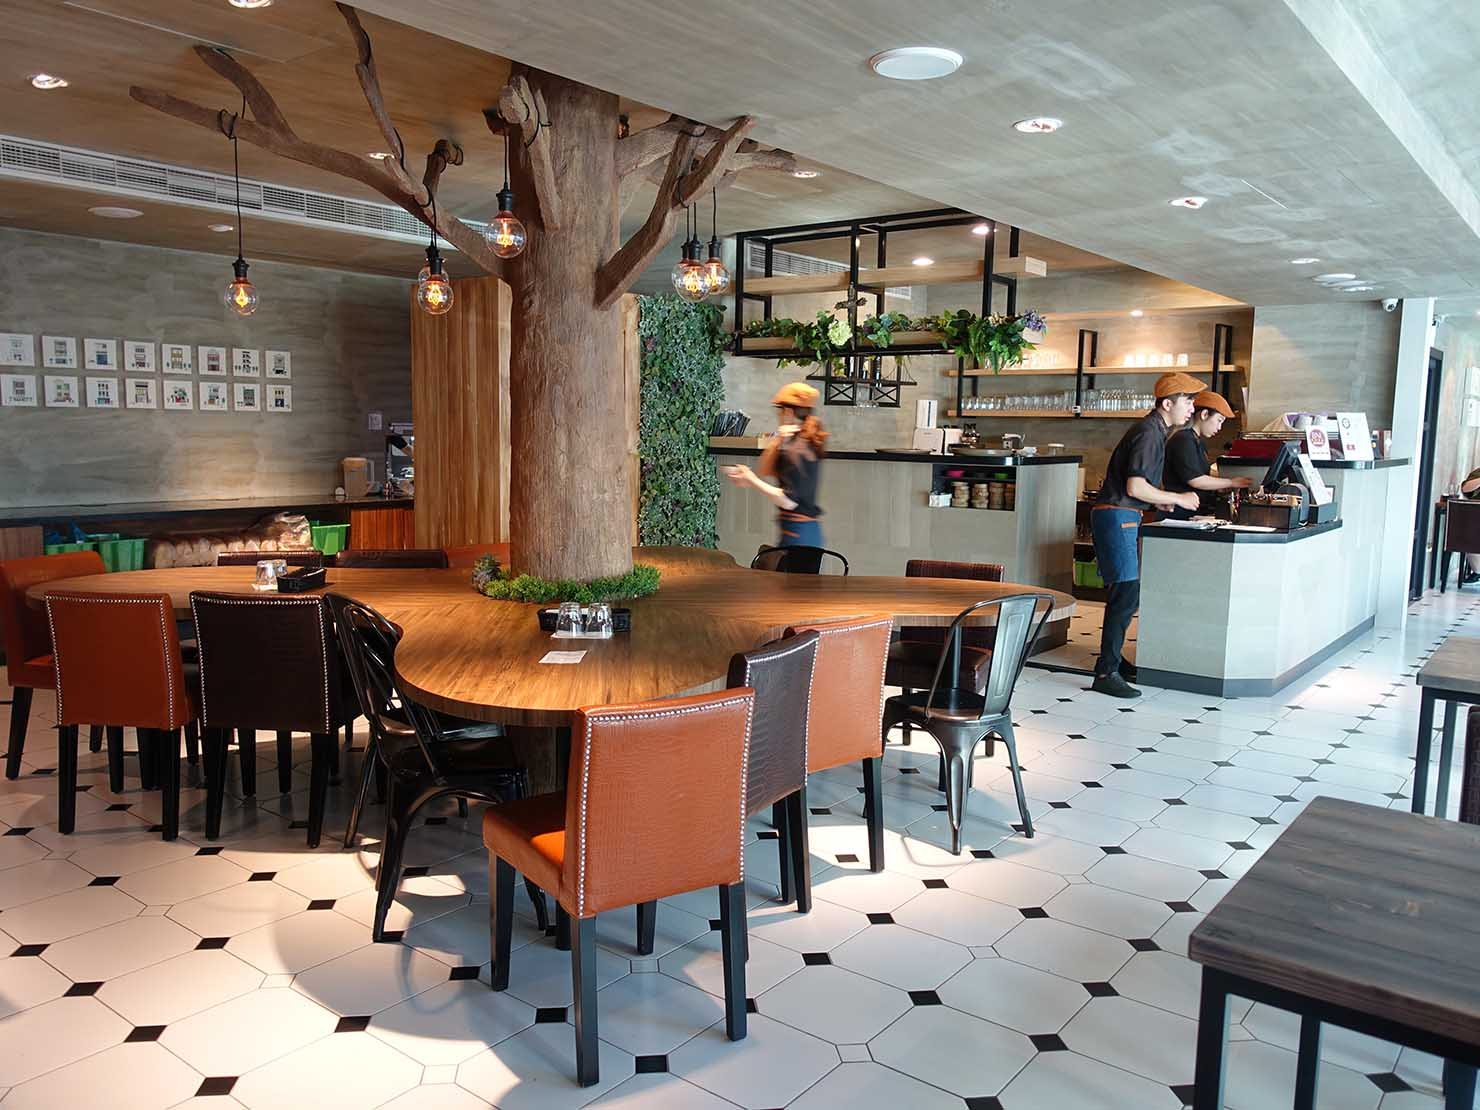 台南駅徒歩10分のかわいいデザインホテル「南方家屋 Old School」併設レストラン「日光徐徐」のカウンター席